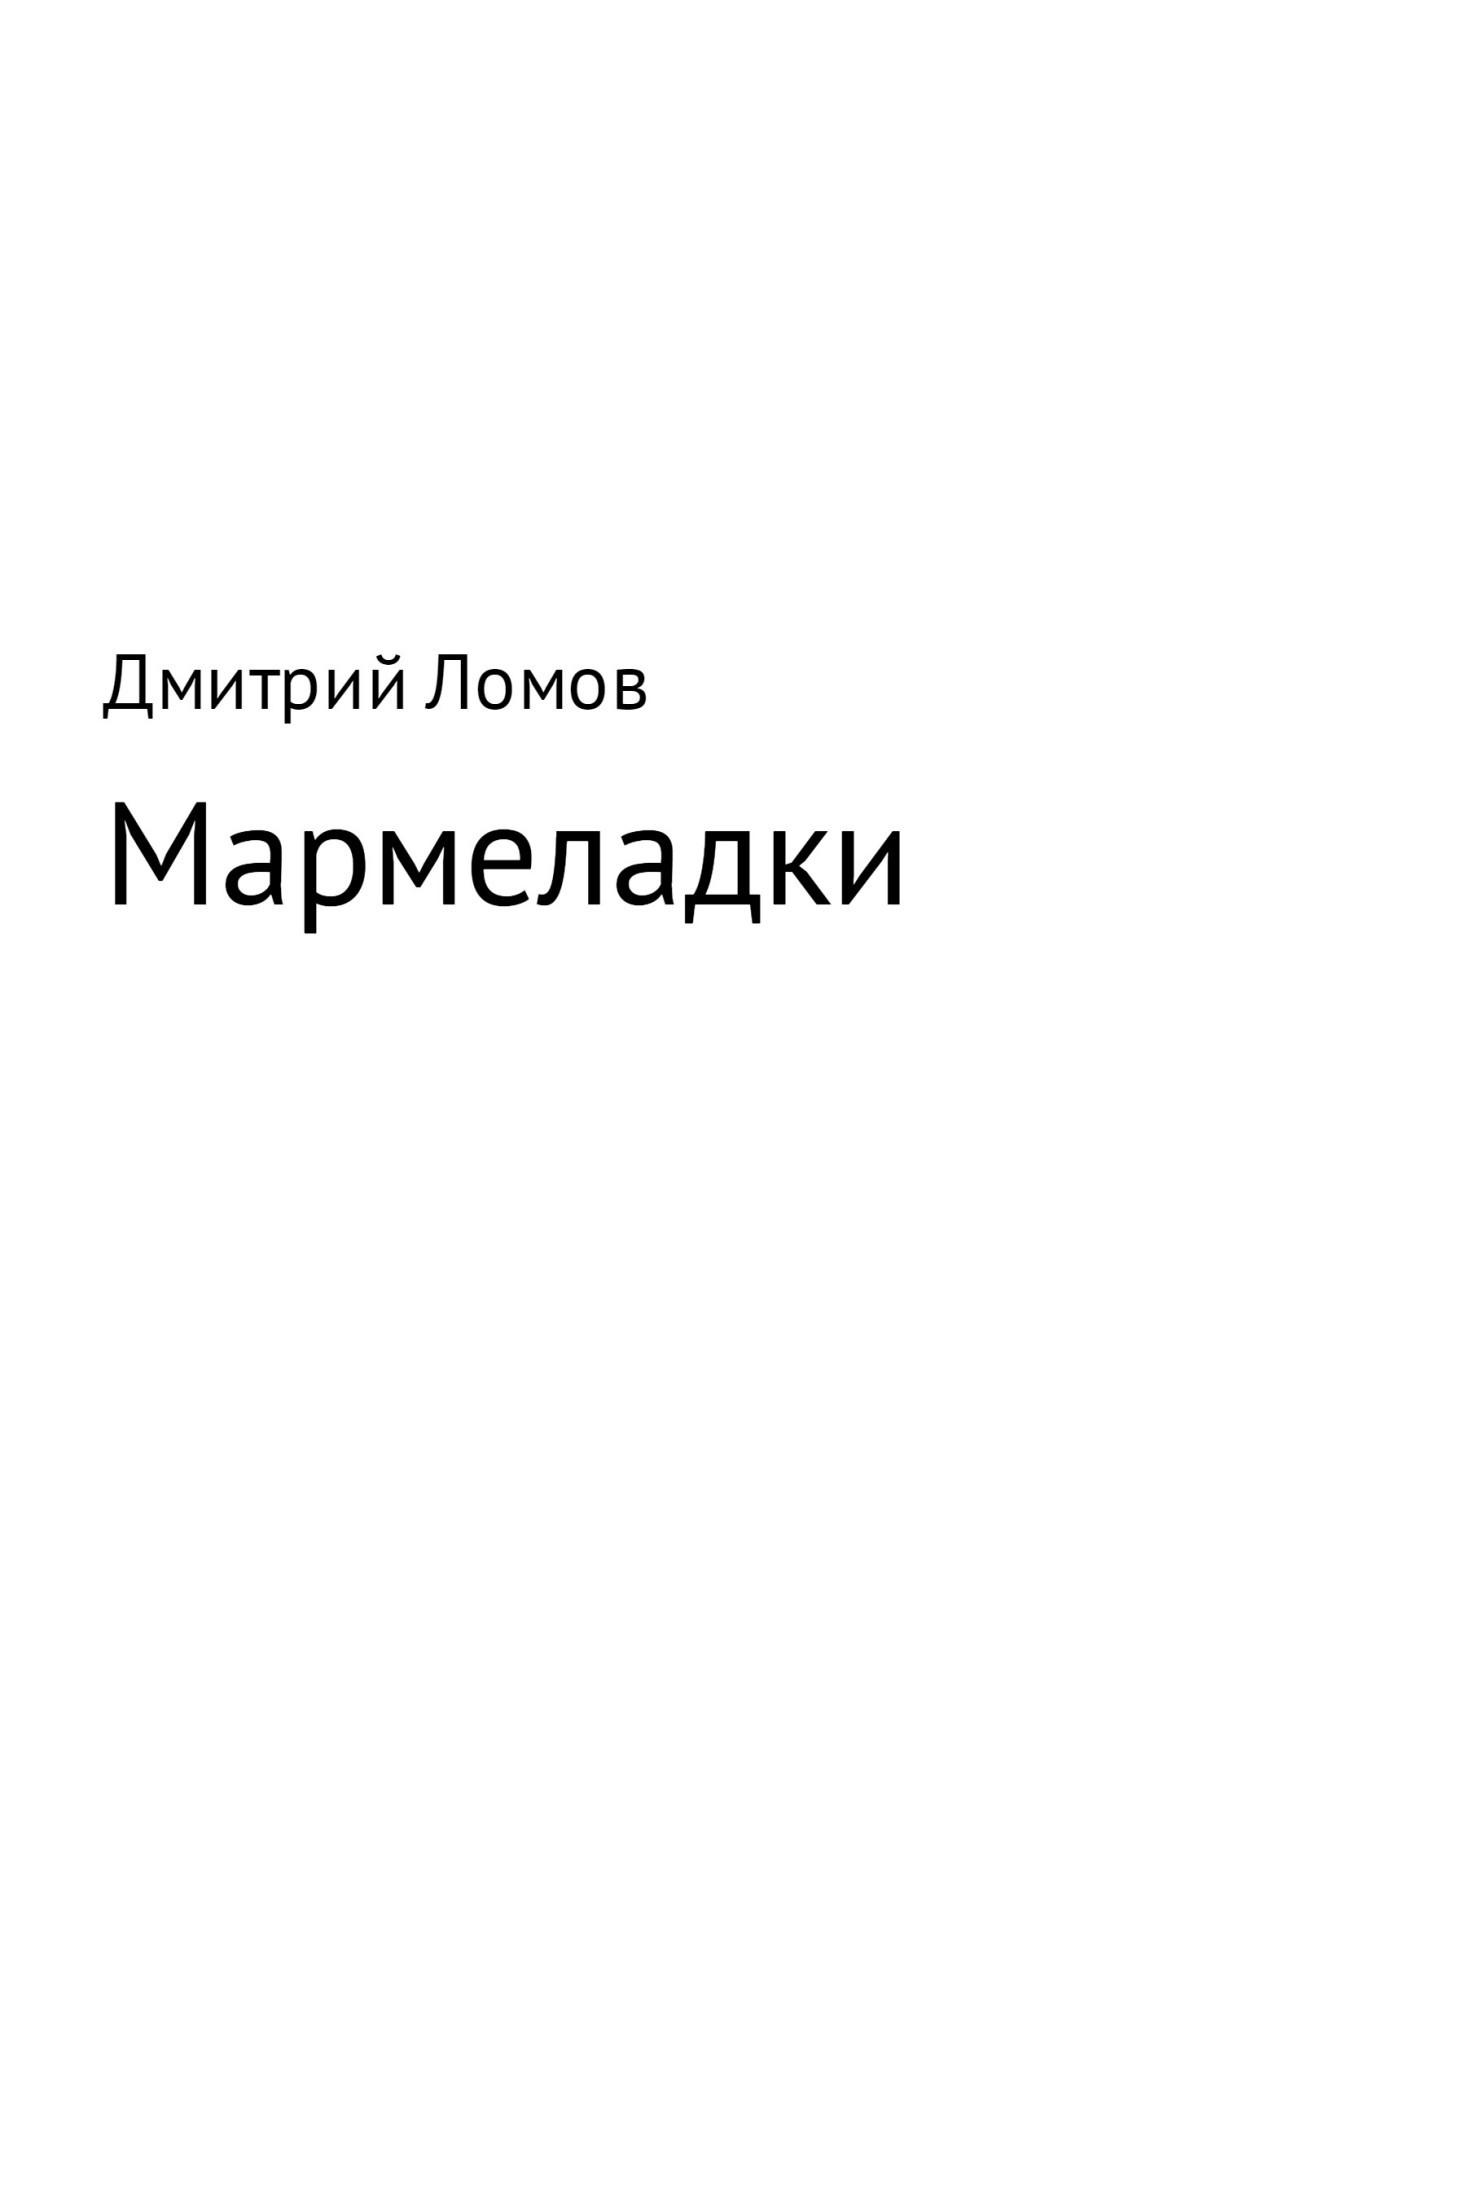 Дмитрий Ломов, Сергей Брыжахин - Мармеладки